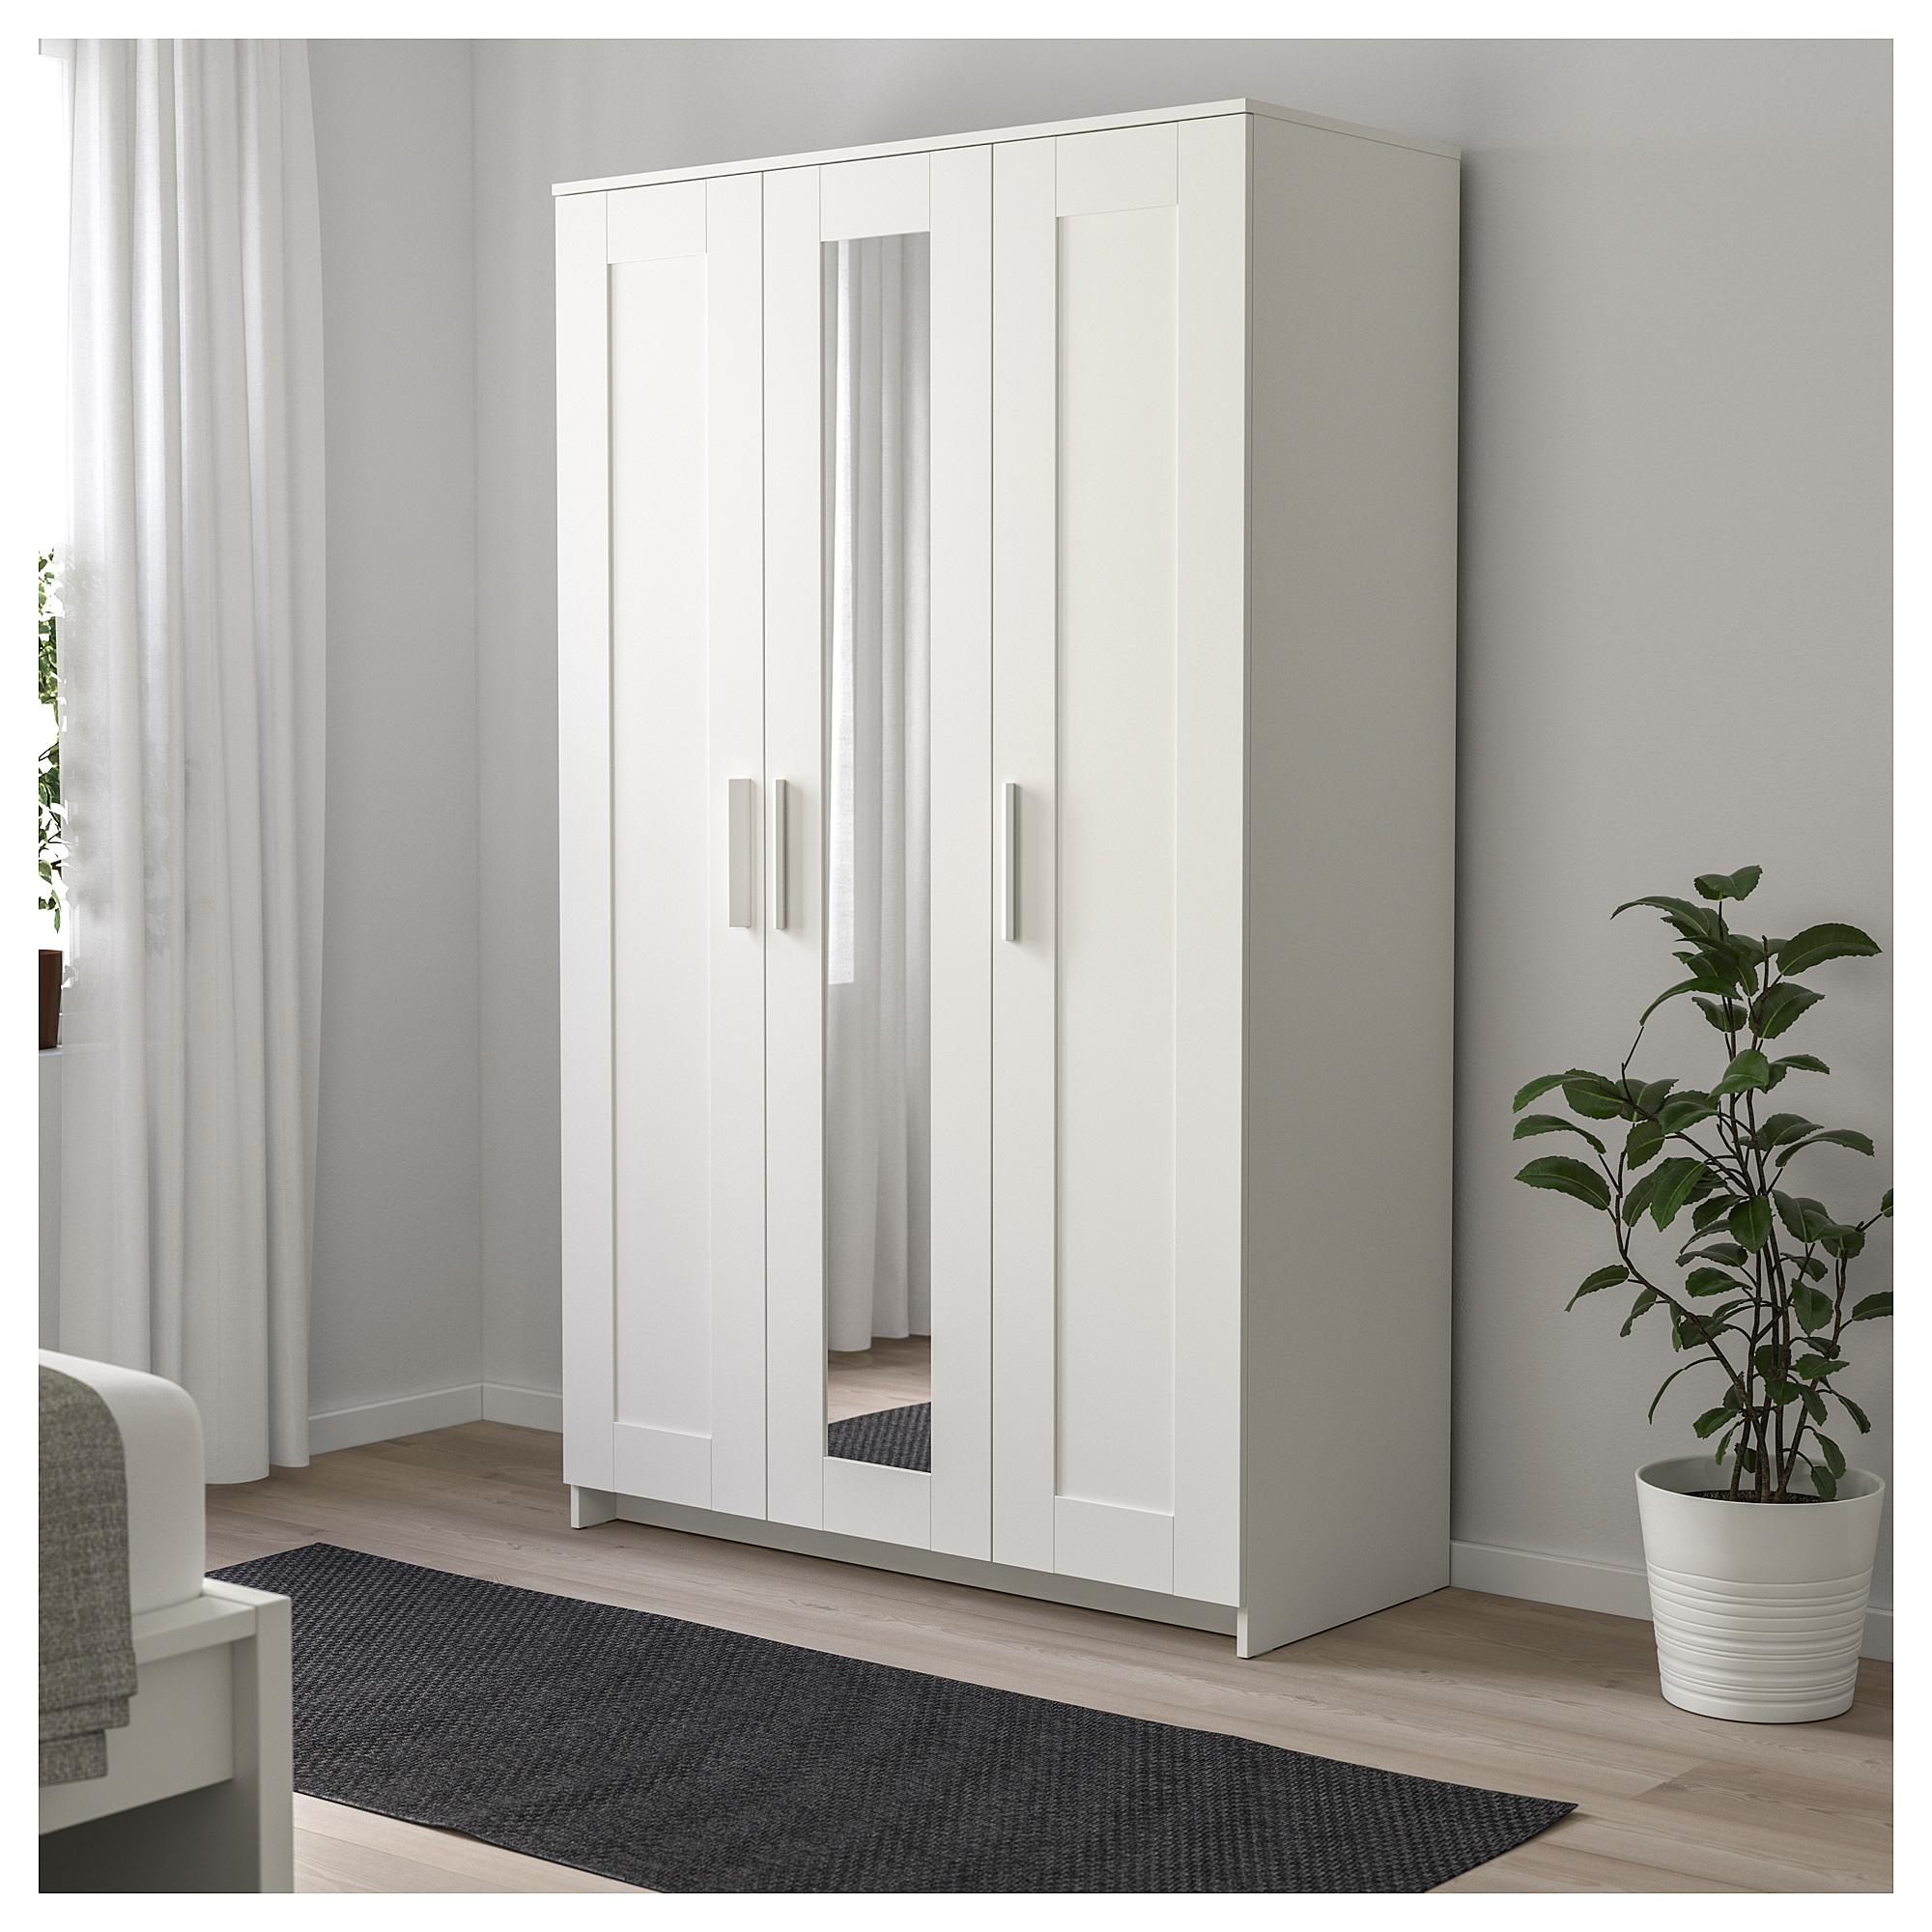 купить шкаф платяной 3 дверный бримнэс белый в икеа минск